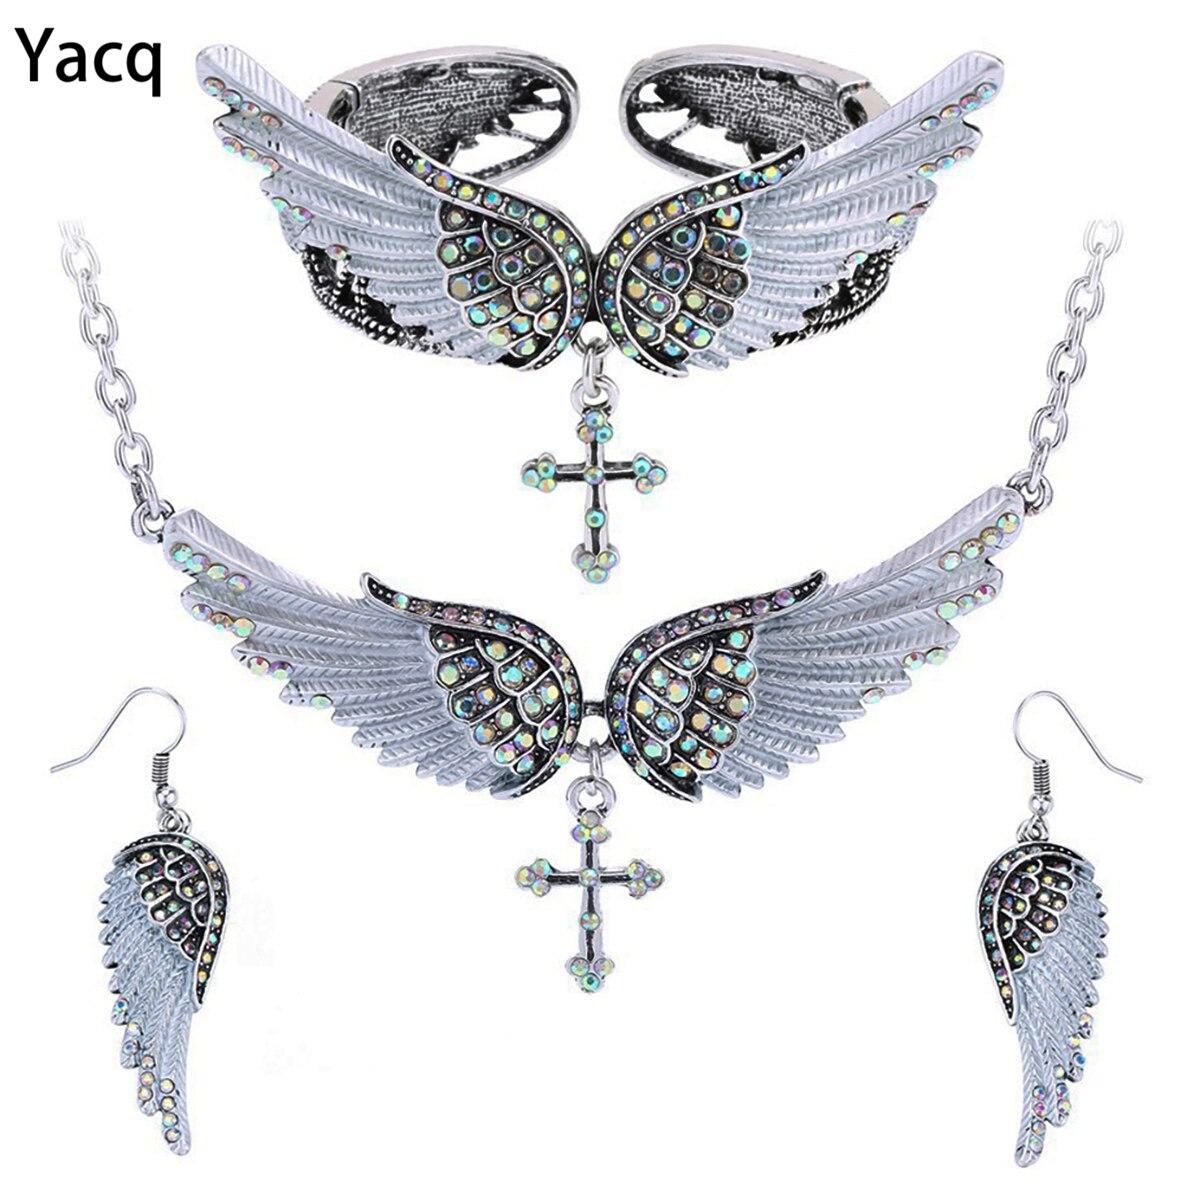 Yacq Angel Wing Cross Necklace Earrings Bracelet Set Women Biker Jewelry Birthday Gifts Her Mom Wife Girlfriend Dropshipping